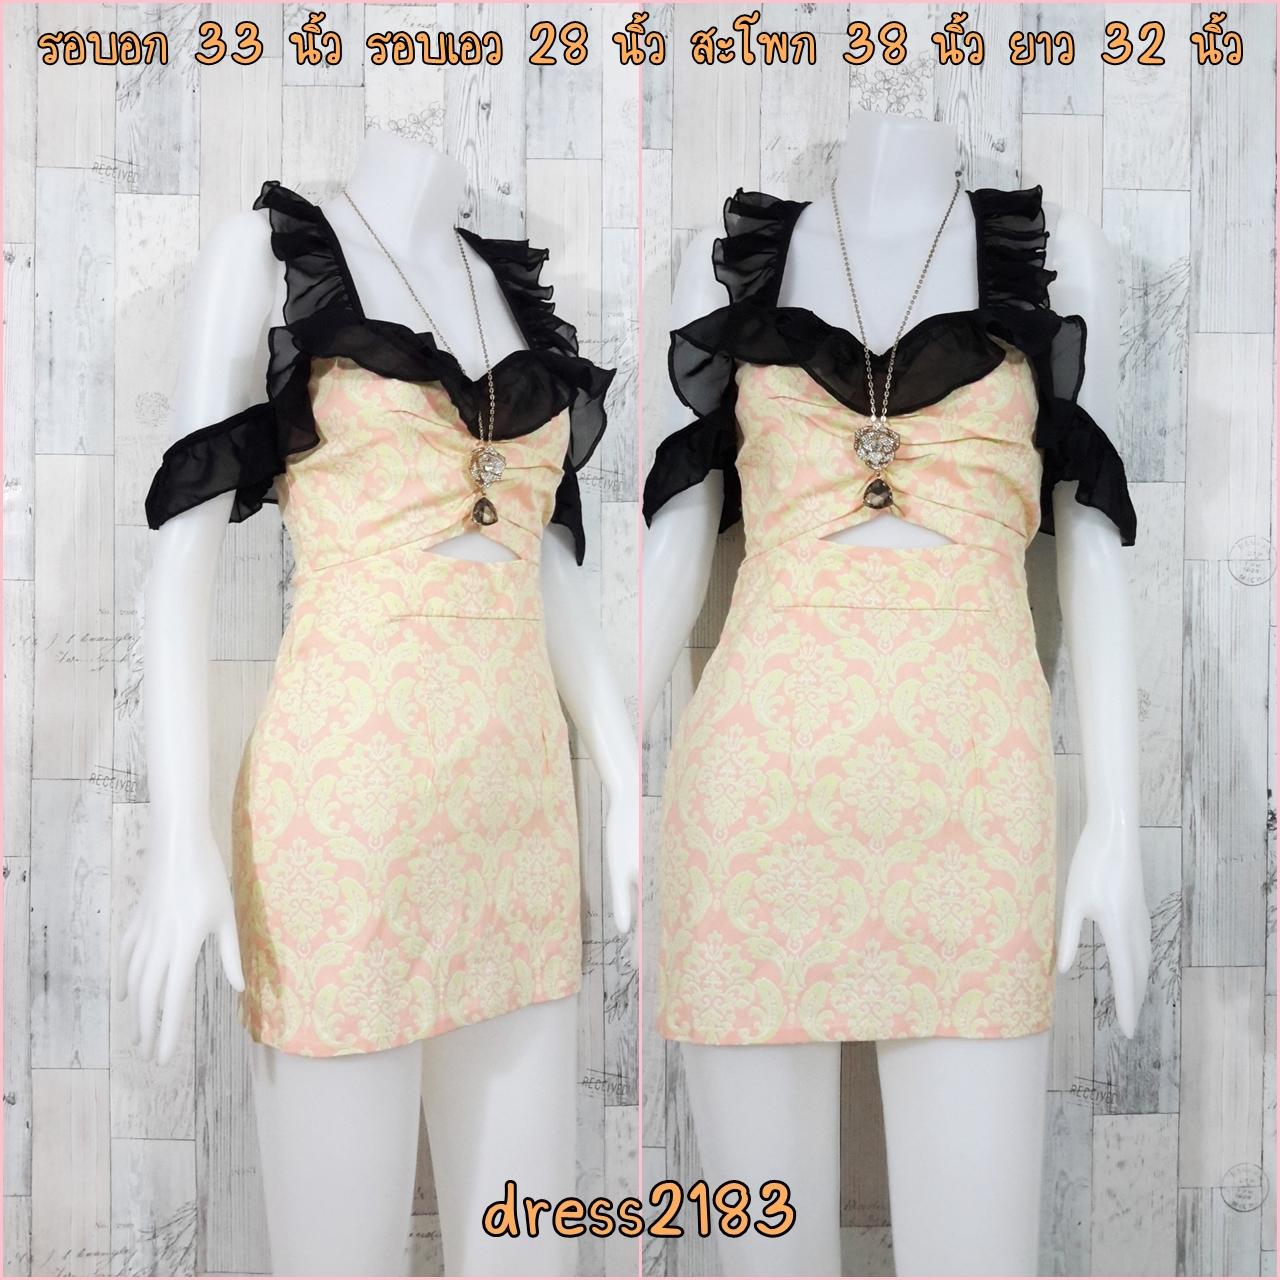 Dress2183 เดรสแฟชั่นเปิดไหล่แขนระบายชีฟองดำ ซิปหลัง ผ้ายีนส์สกินนี่ลายดอกไม้วินเทจ โทนสีส้มพาสเทลเหลือง